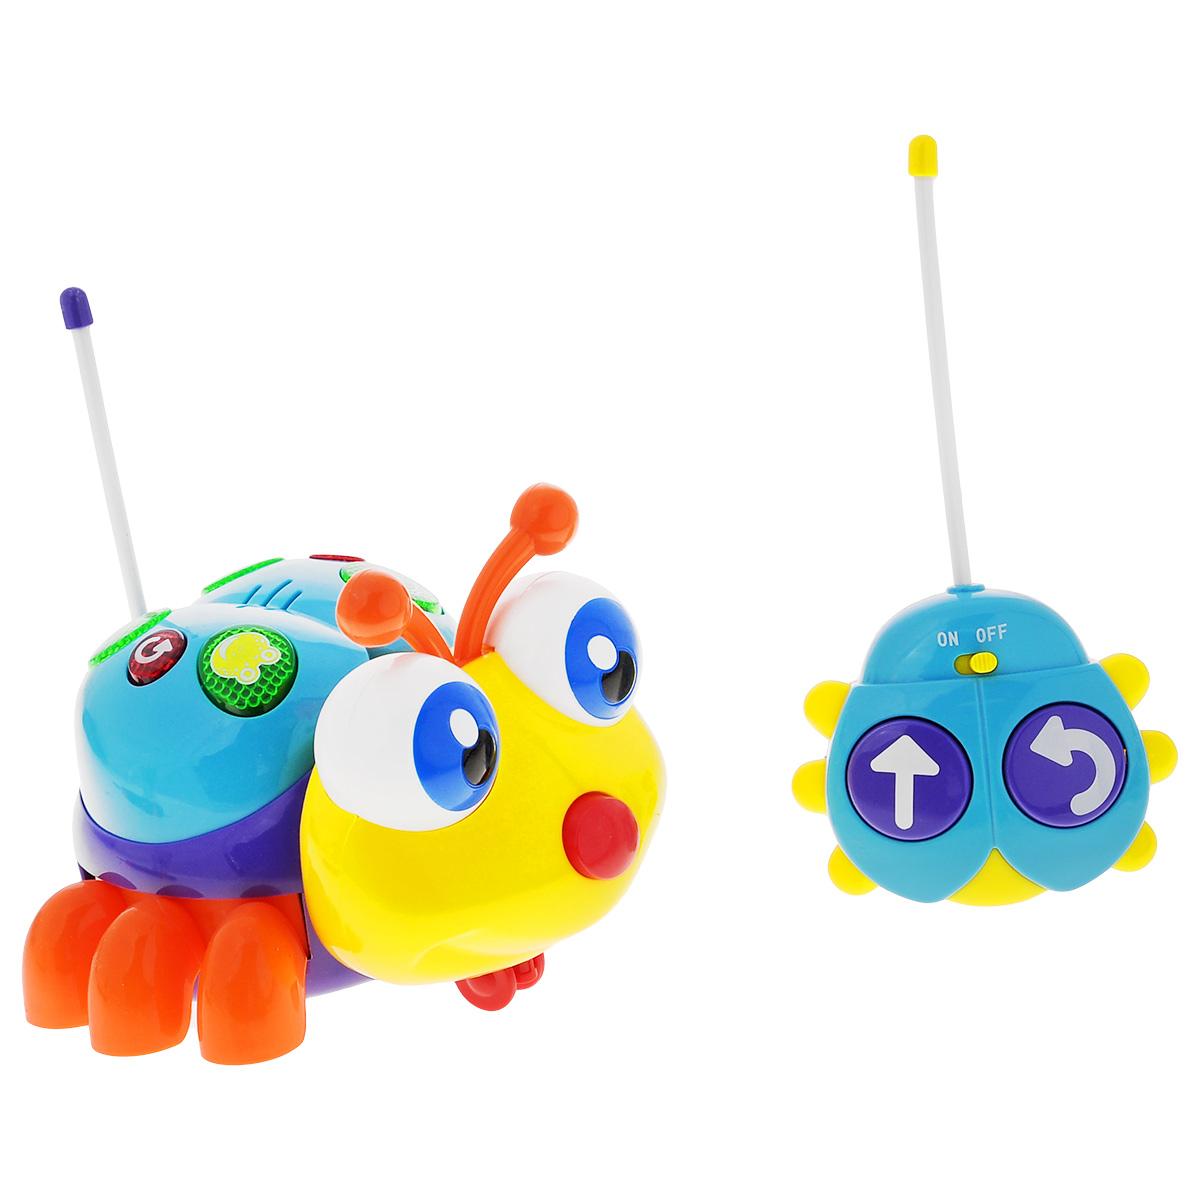 Малышарики Развивающая игрушка на радиоуправлении Солнечный жучокMSH0303-023Развивающая игрушка Малышарики Солнечный жучок выполнена в ярком дизайне из высококачественных и безопасных для детской игры материалов. Яркий и красочный жучок на радио-управлении непременно порадует малыша и станет ему добрым другом. Игрушка движется вперед и вращается по кругу со звуковыми и световыми эффектами. Спинка жучка снабжена кнопками, которые издают звуки животных. Игрушка Солнечный жучок развивает мелкую моторику и слуховое восприятие малыша, а также его логическое мышление. Играя с радио-управляемым жучком, ребенок учится концентрировать внимание. Рекомендуемый возраст: 1-3 года. Для работы игрушки необходимы 4 батарейки напряжением 1,5V типа АА, для работы пульта управления - 2 батарейки напряжением 1,5V типа АА (не входят в комплект).